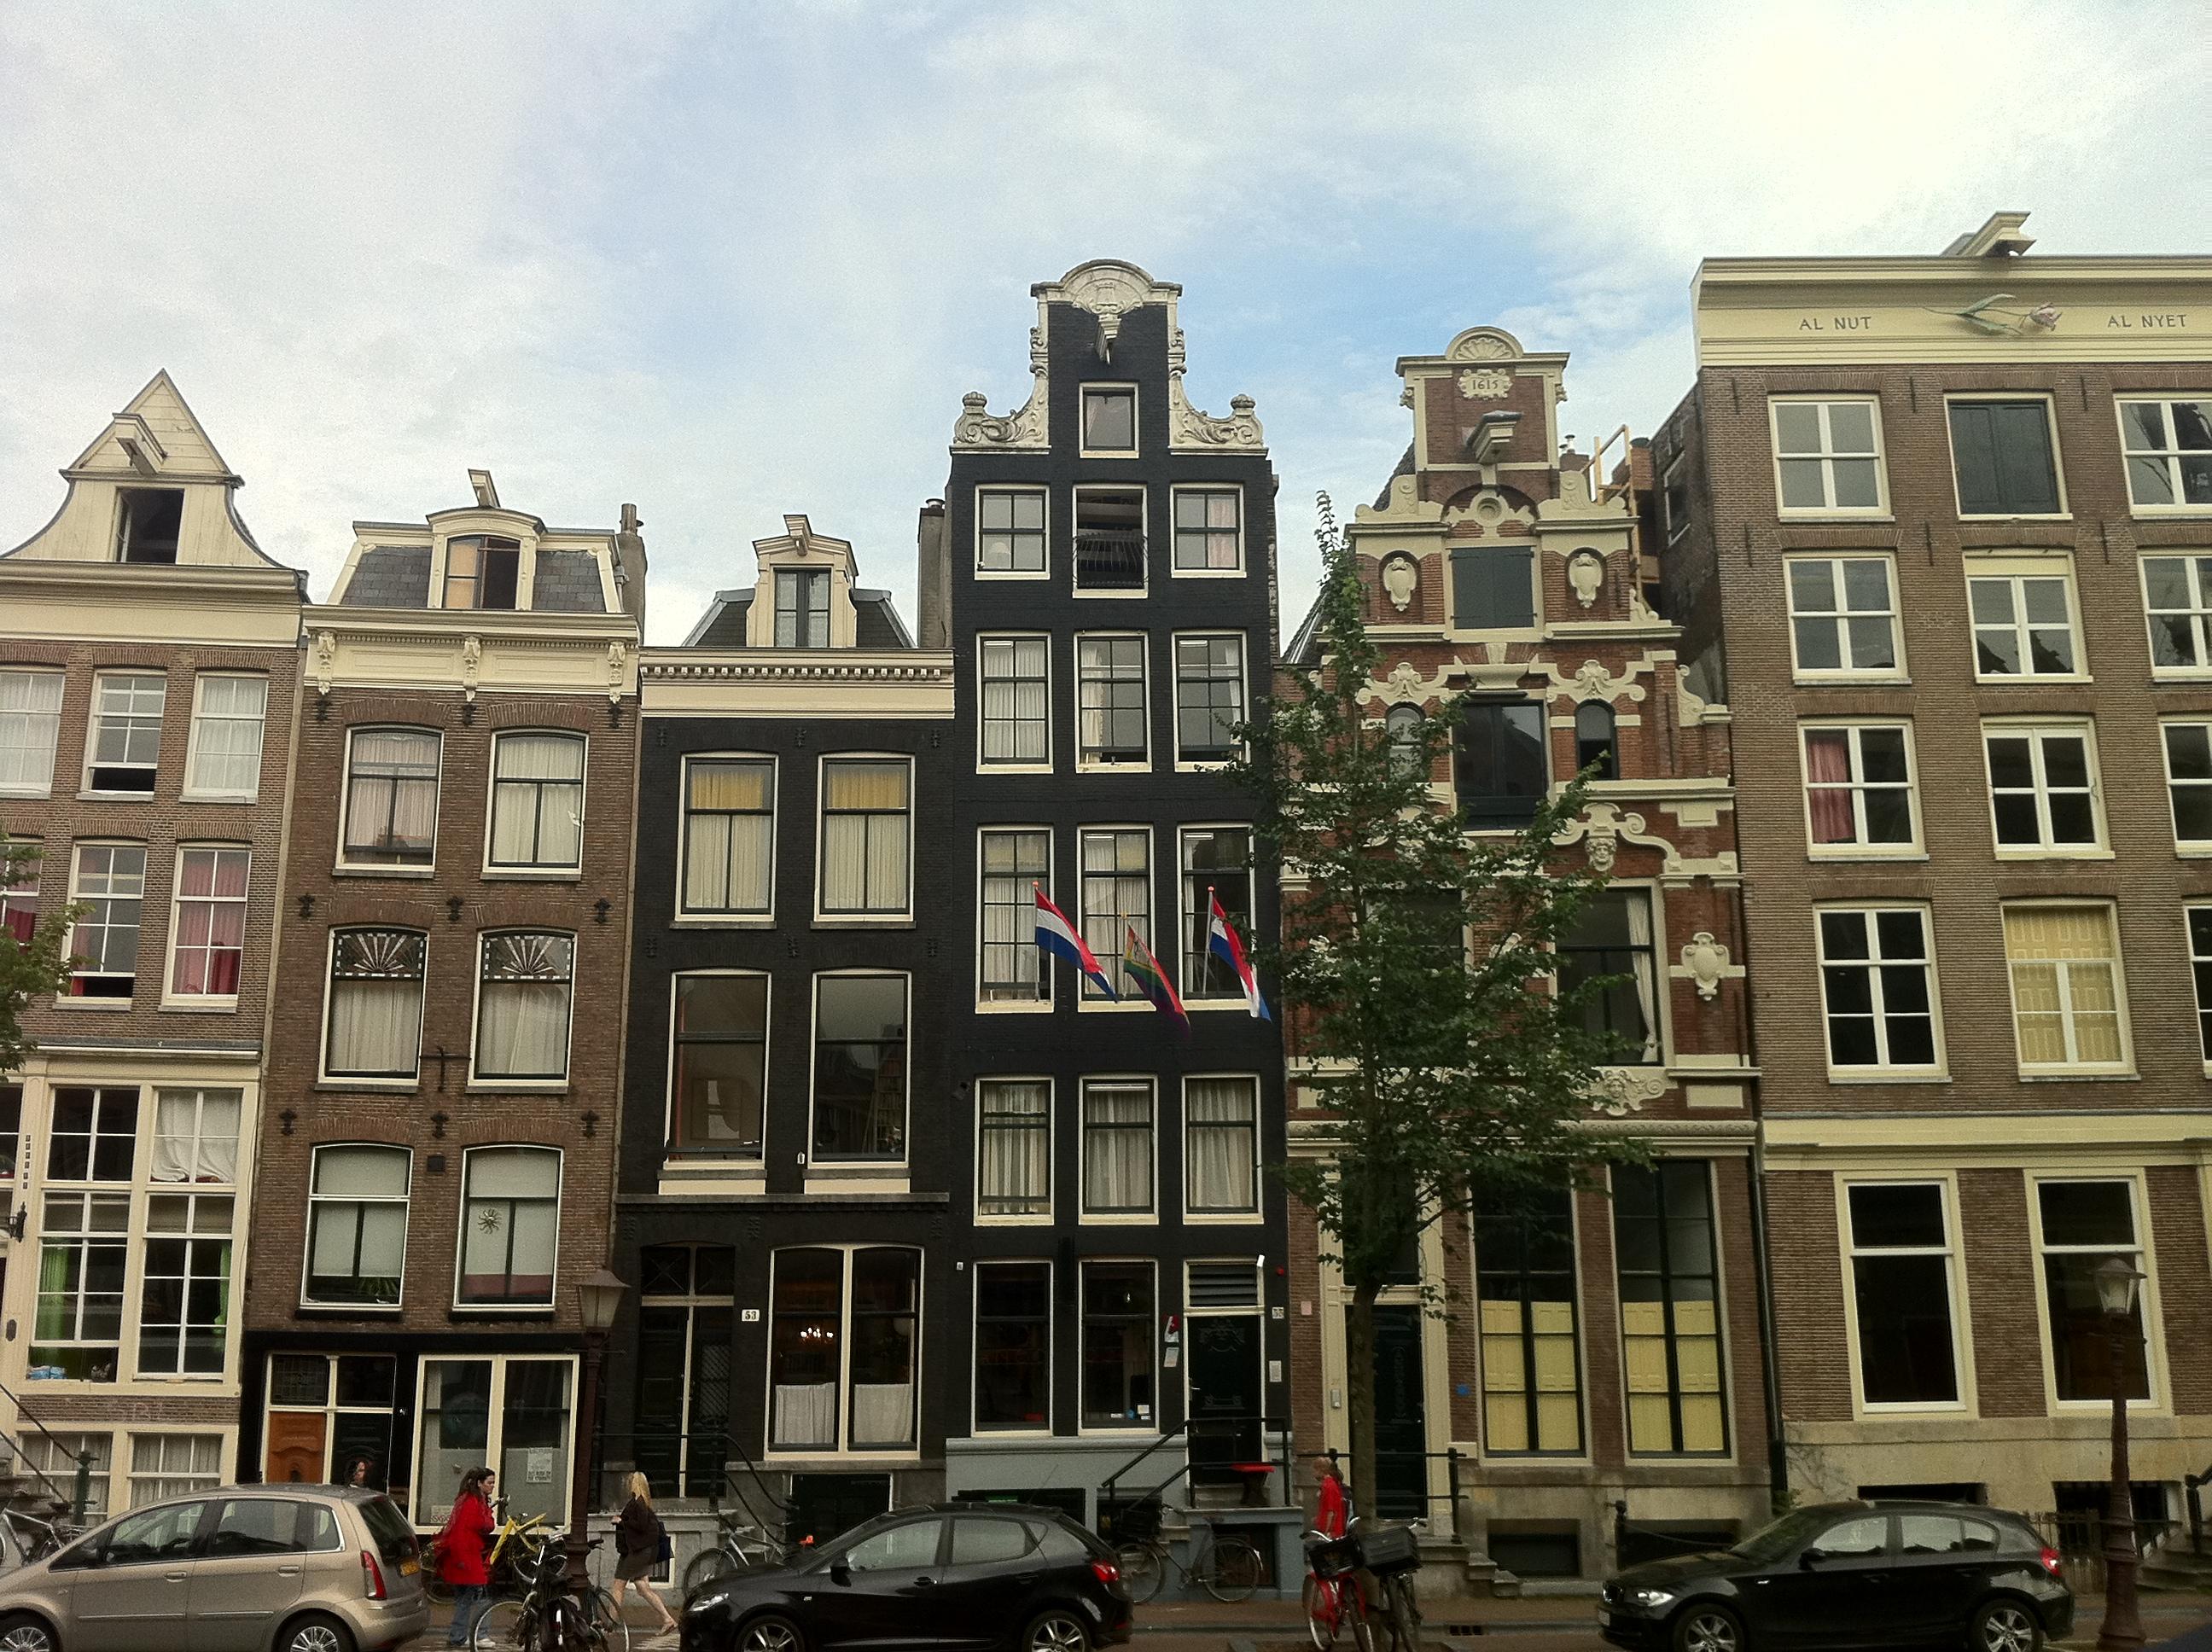 Fors huis met gevel onder rechte lijst in amsterdam for Lijst inrichting huis